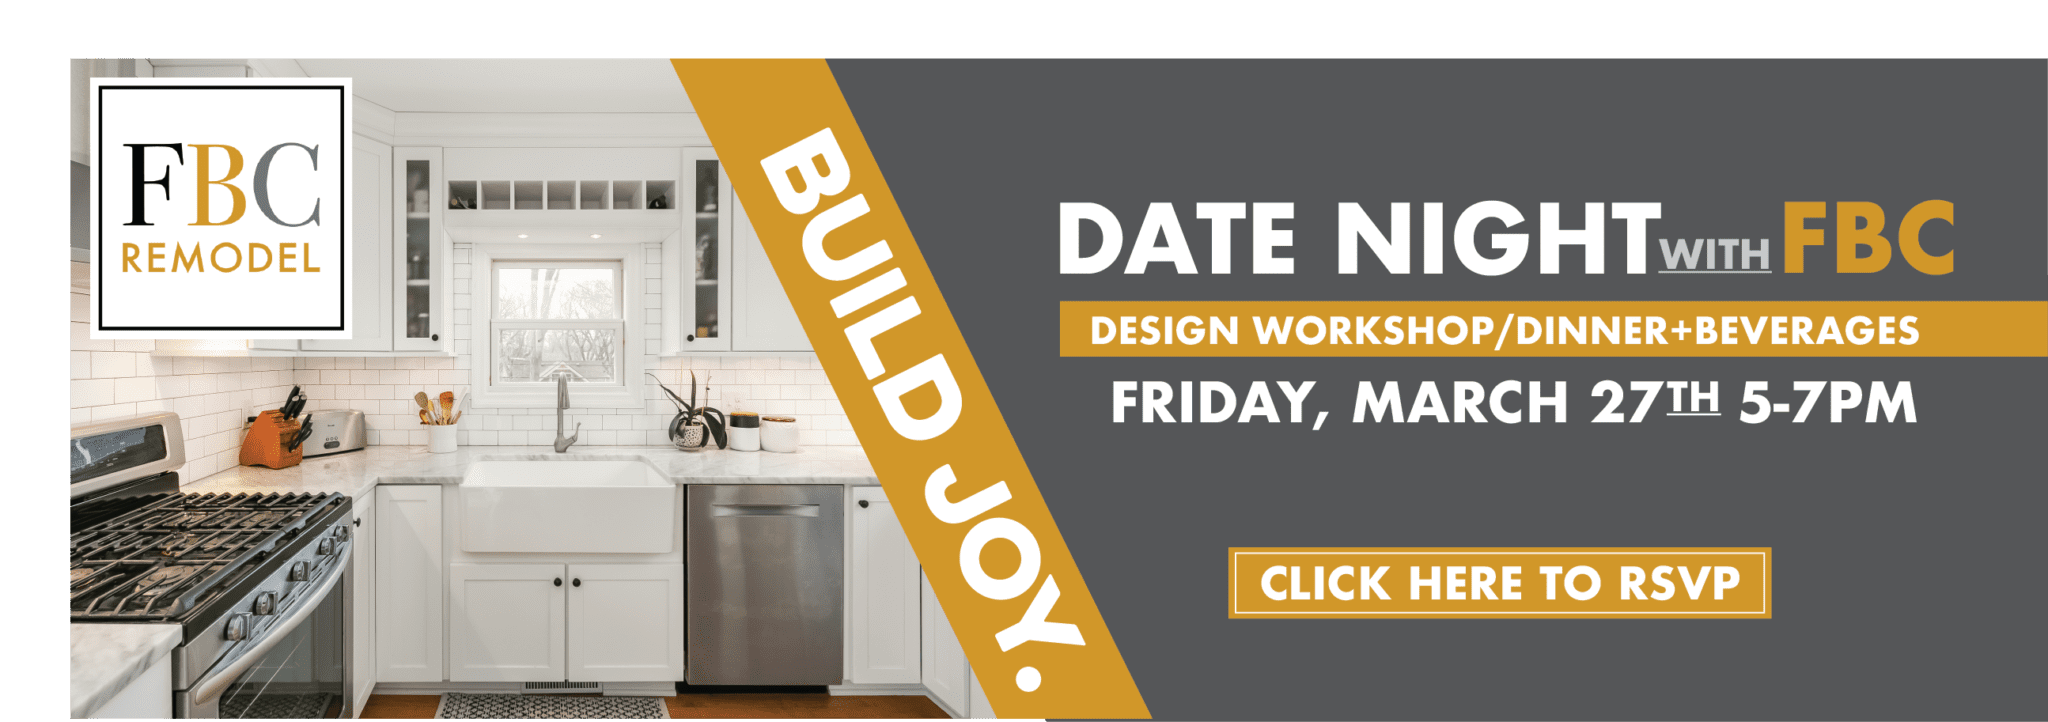 Interior Design Events in Naperville IL | FBC Remodel